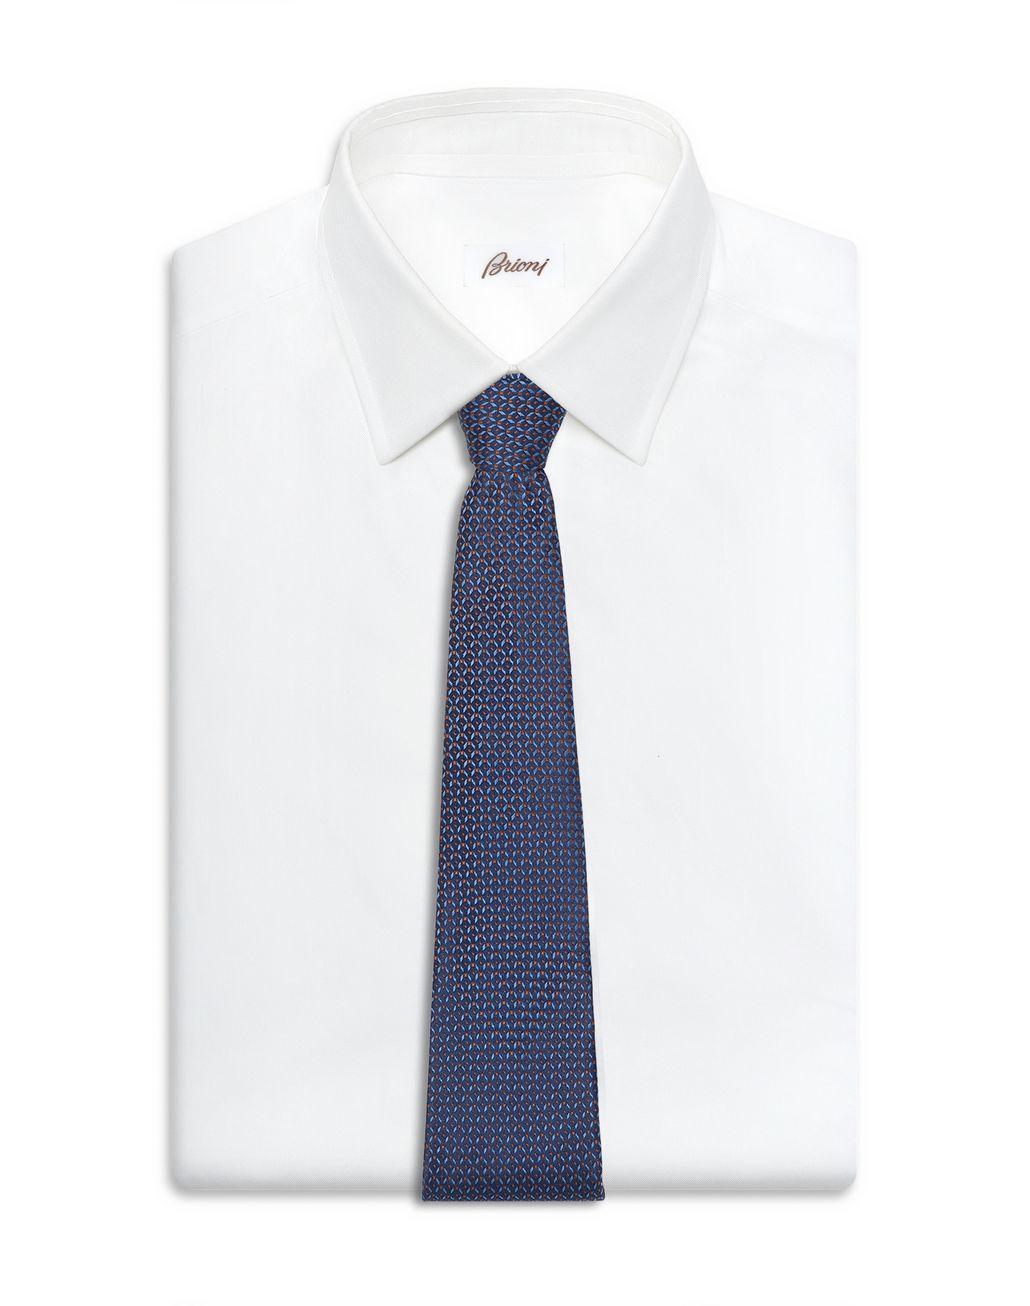 BRIONI Cravate en dégradé bleu à motif Cravate [*** pickupInStoreShippingNotGuaranteed_info ***] d